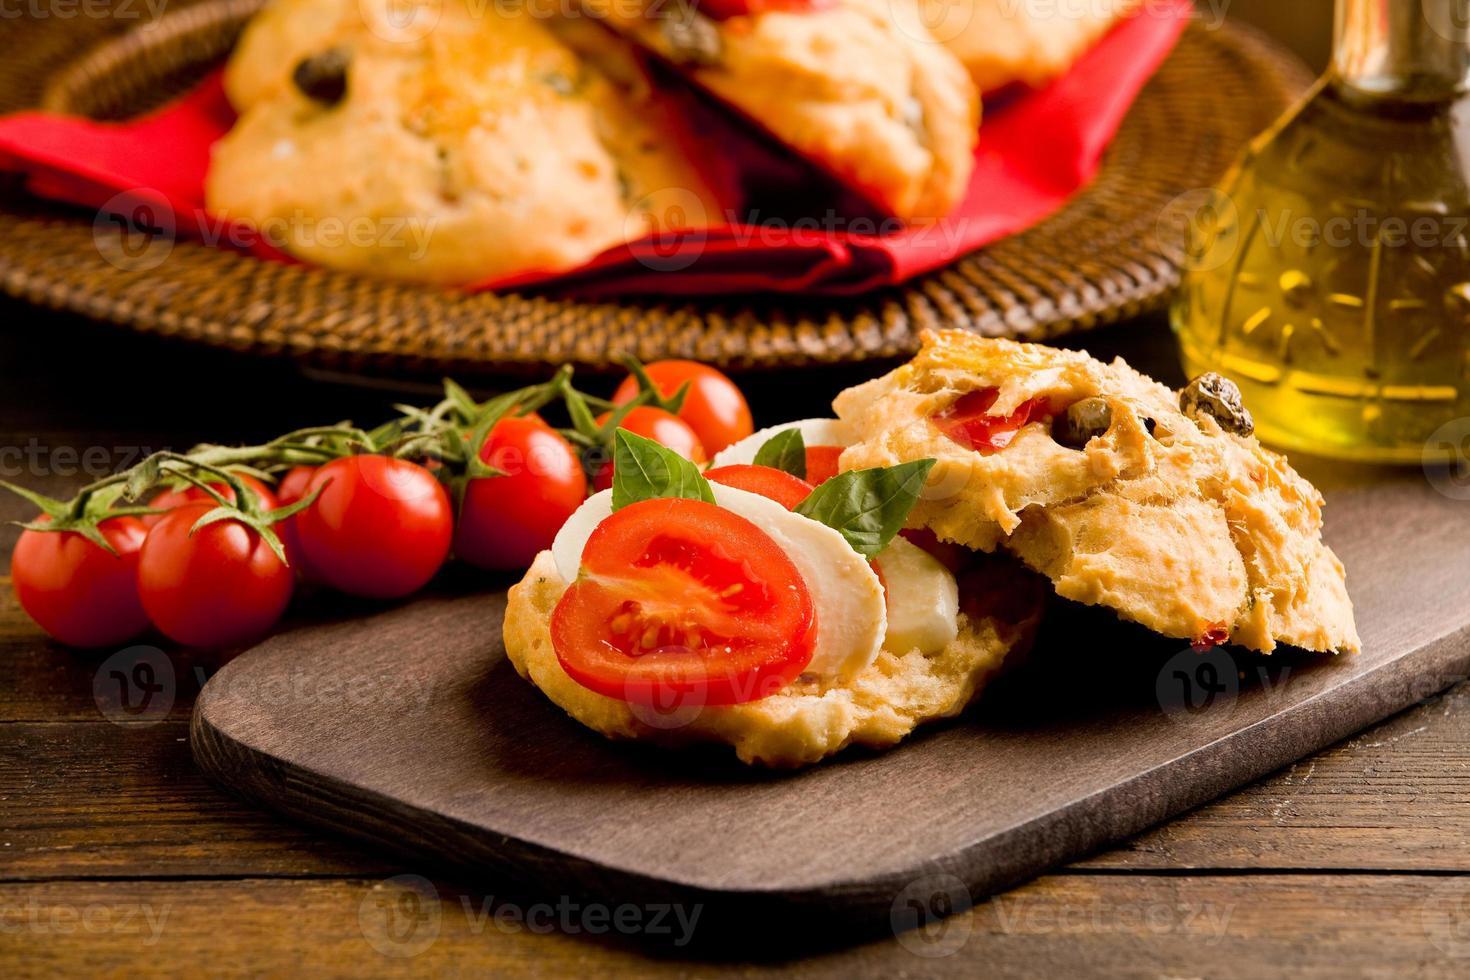 huisgemaakte pizzabroodjes gevuld met tomaat en mozzarella foto